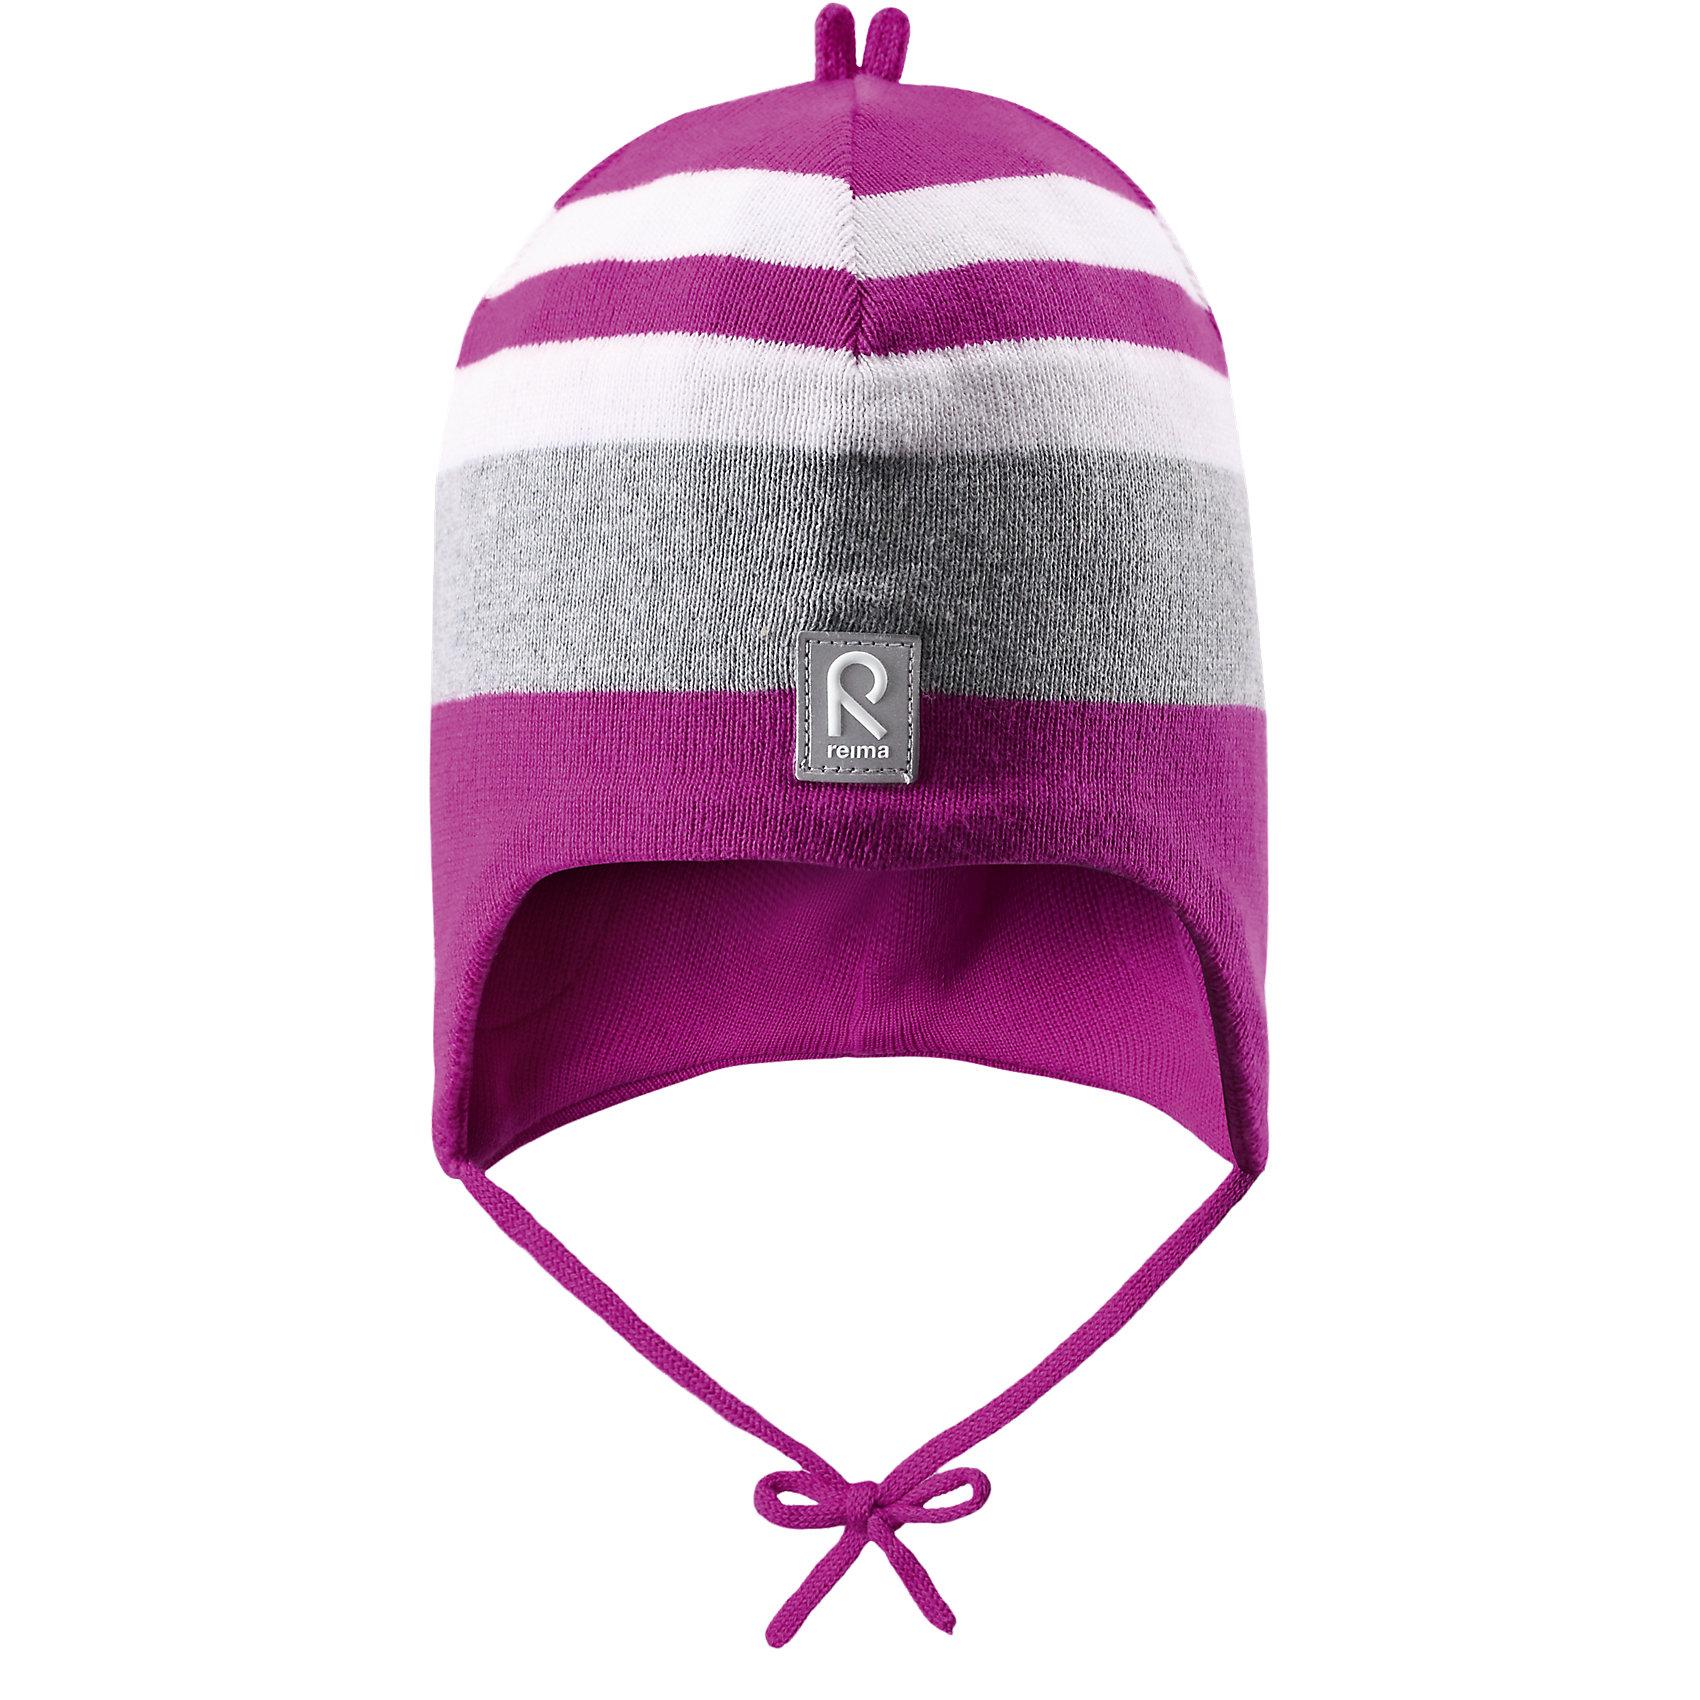 Шапка для девочки ReimaШапки и шарфы<br>Эта вязанная хлопчатобумажная шапочка для малышей подходит на все случаи жизни. Классический дизайн позволяет удачно сочетать ее с различными вариантами одежды. Подкладка на половину головы из хлопчатобумажного трикотажа гарантирует тепло, а ветронепроницаемые вставки между верхним слоем и подкладкой защищают уши. Светоотражающие детали тоже добавят немного безопасности.<br><br>Дополнительная информация:<br><br>Шапка «Бини» для малышей<br>Эластичная хлопчатобумажная ткань<br>Ветронепроницаемые вставки в области ушей<br>Частичная подкладка: хлопчатобумажная ткань<br>Светоотражающий элемент спереди<br>Состав:<br>100% хлопок<br>Уход:<br>Стирать по отдельности, вывернув наизнанку. Придать первоначальную форму вo влажном виде. Возможна усадка 5 %.<br><br>Ширина мм: 89<br>Глубина мм: 117<br>Высота мм: 44<br>Вес г: 155<br>Цвет: розовый<br>Возраст от месяцев: 12<br>Возраст до месяцев: 24<br>Пол: Женский<br>Возраст: Детский<br>Размер: 48,46,52,50<br>SKU: 4496940